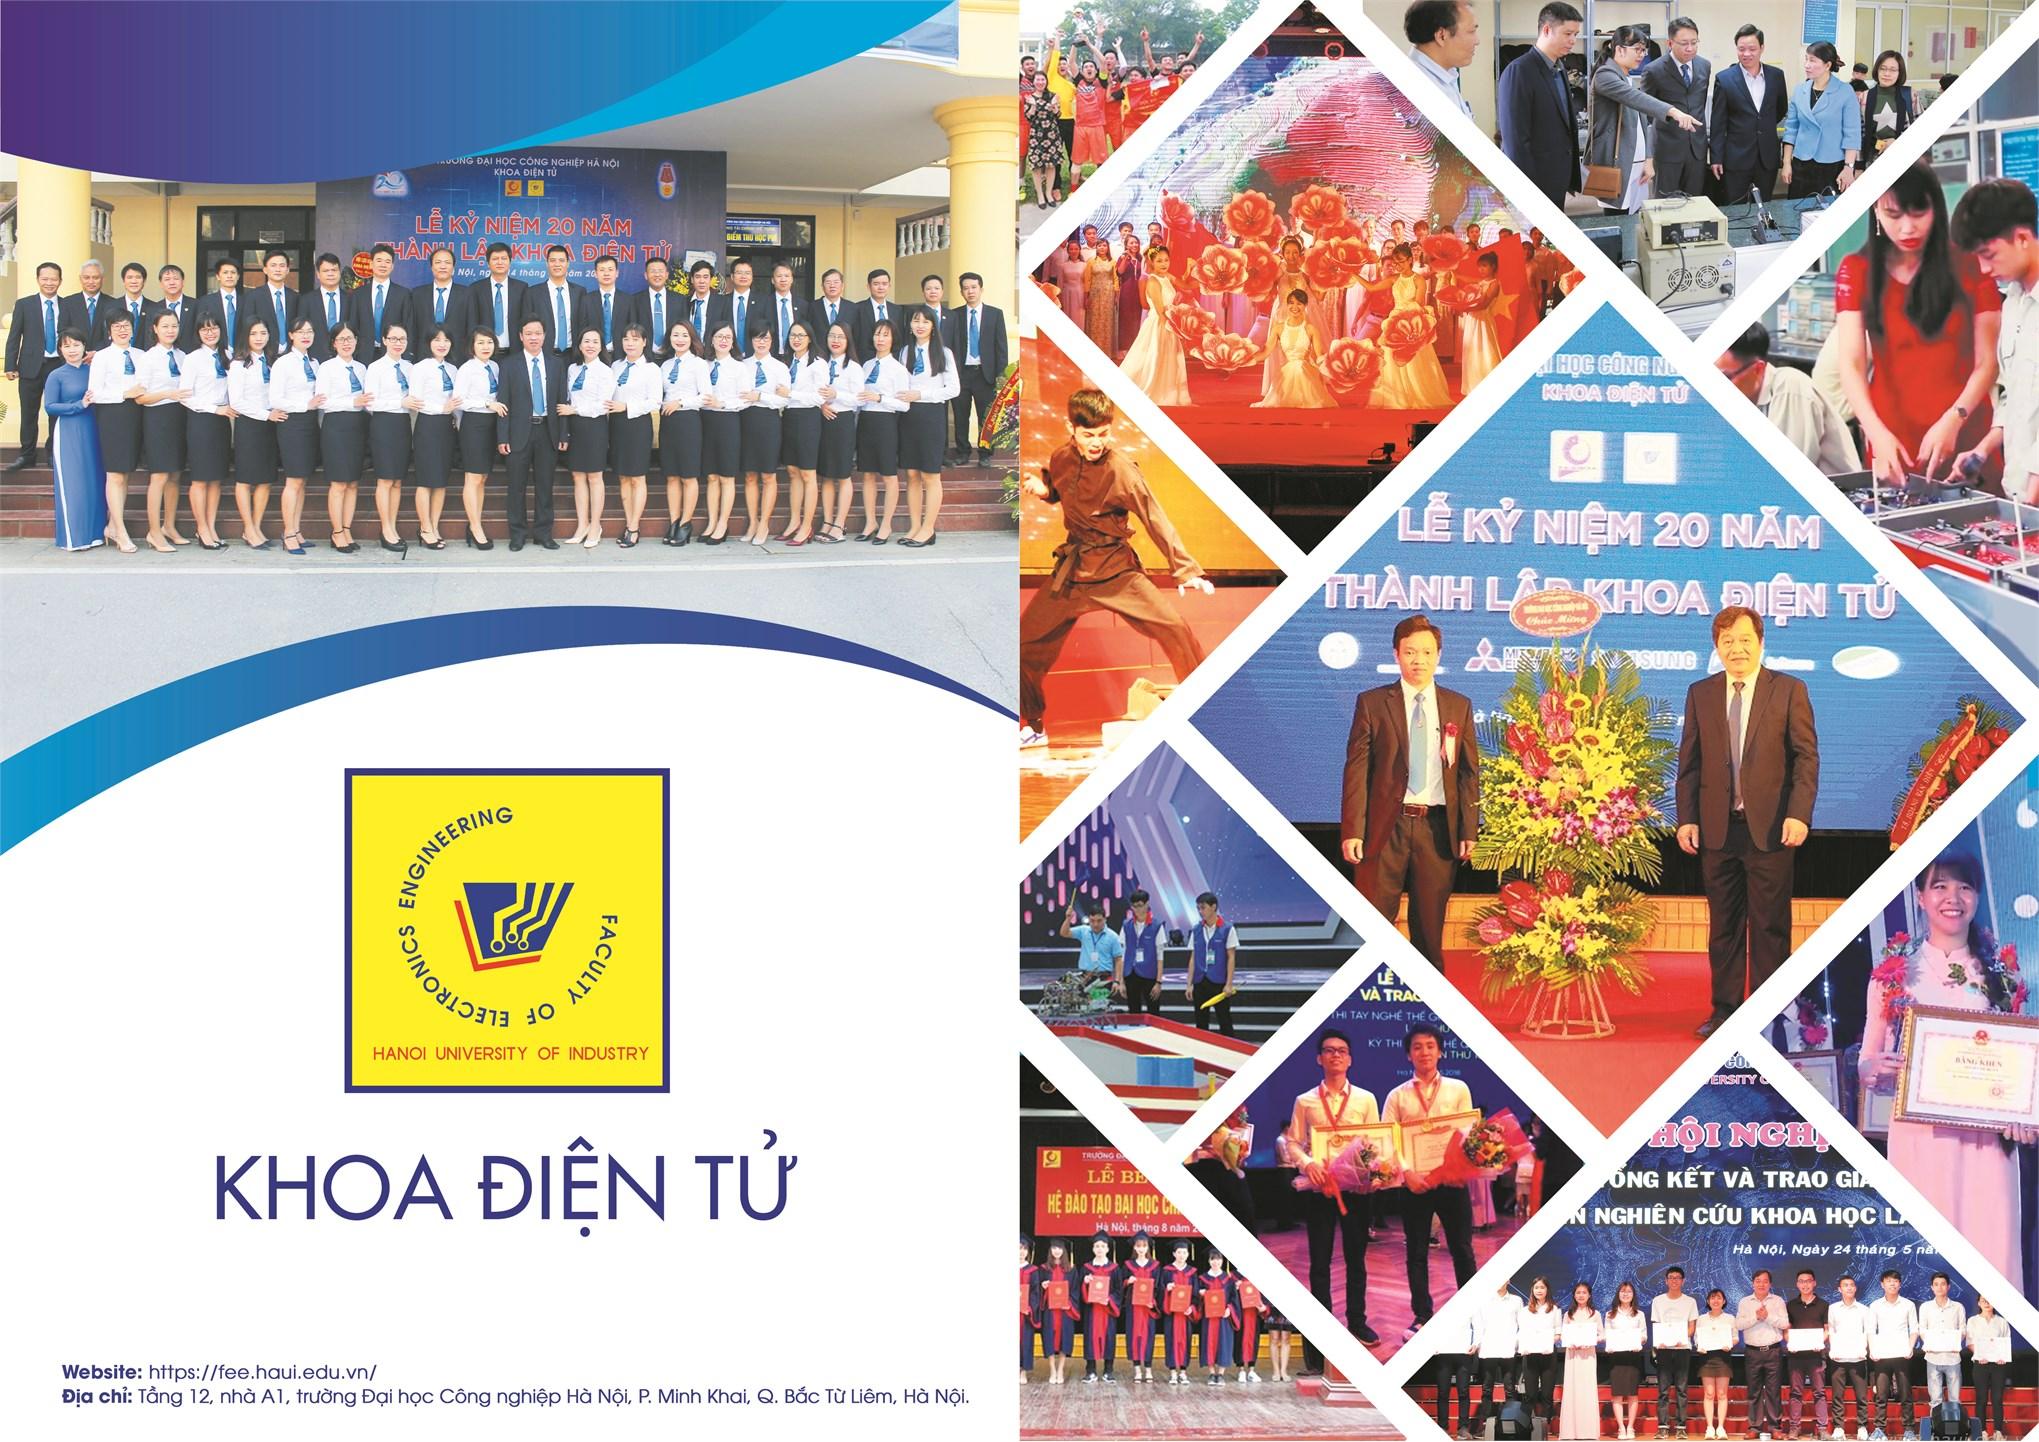 Học tập tại khoa Điện tử - Trường Đại học Công nghiệp Hà Nội là sự lựa chọn đúng đắn cho tương lai.